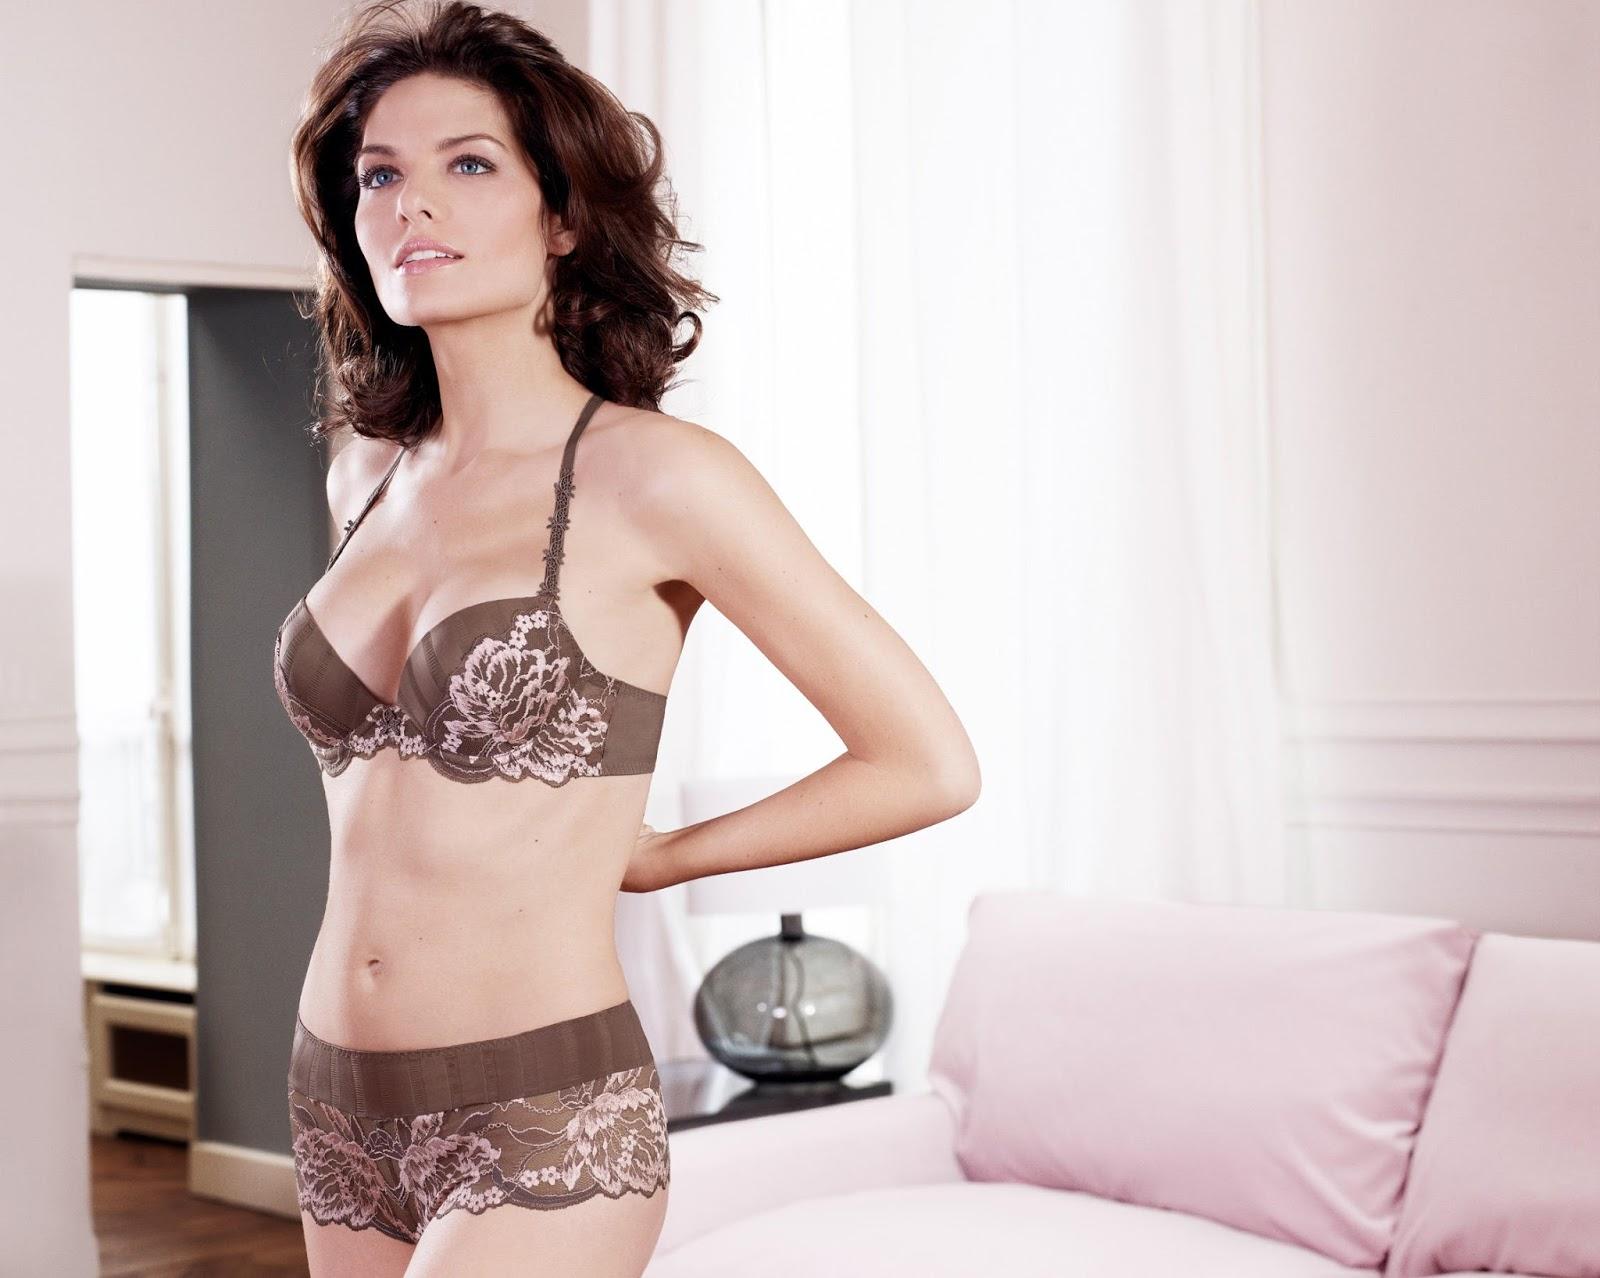 France French Lingerie Model Photos Marina Mozzoni Simone